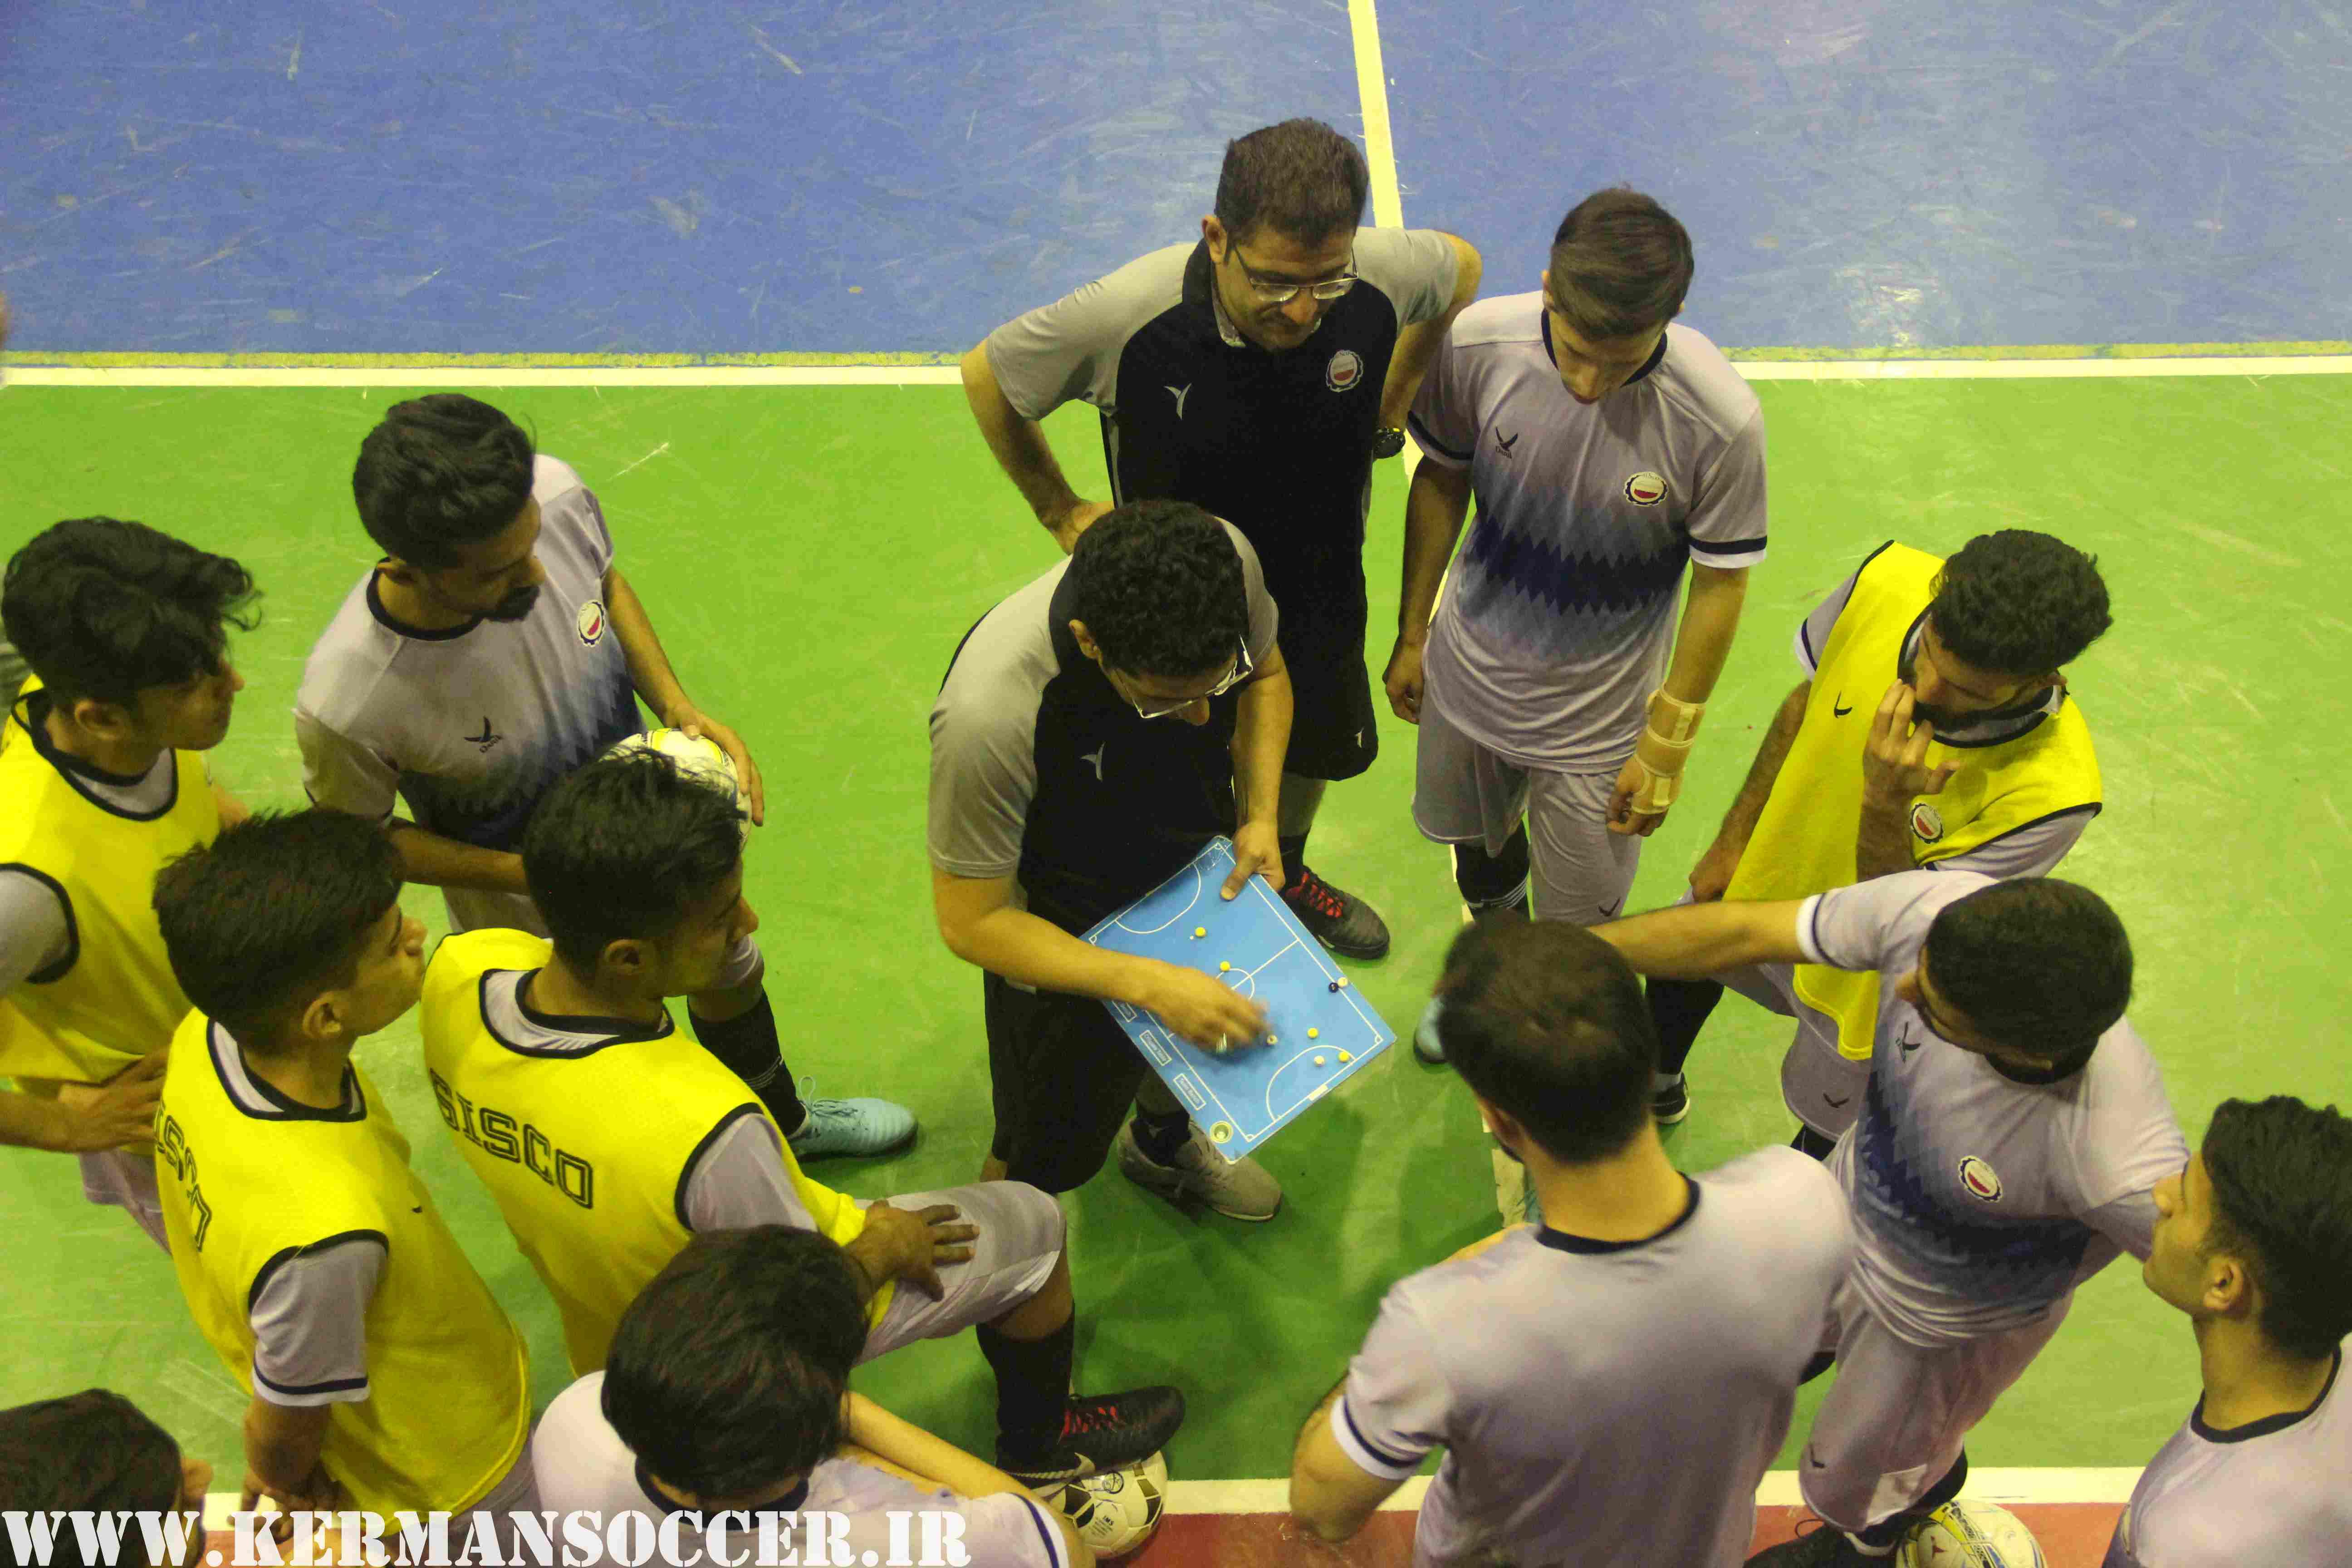 گزارش تصویری: تمرینات آمادهسازی تیم فوتسال فولاد سیرجان ایرانیان پیش از مصاف با اسپیناس زنجان